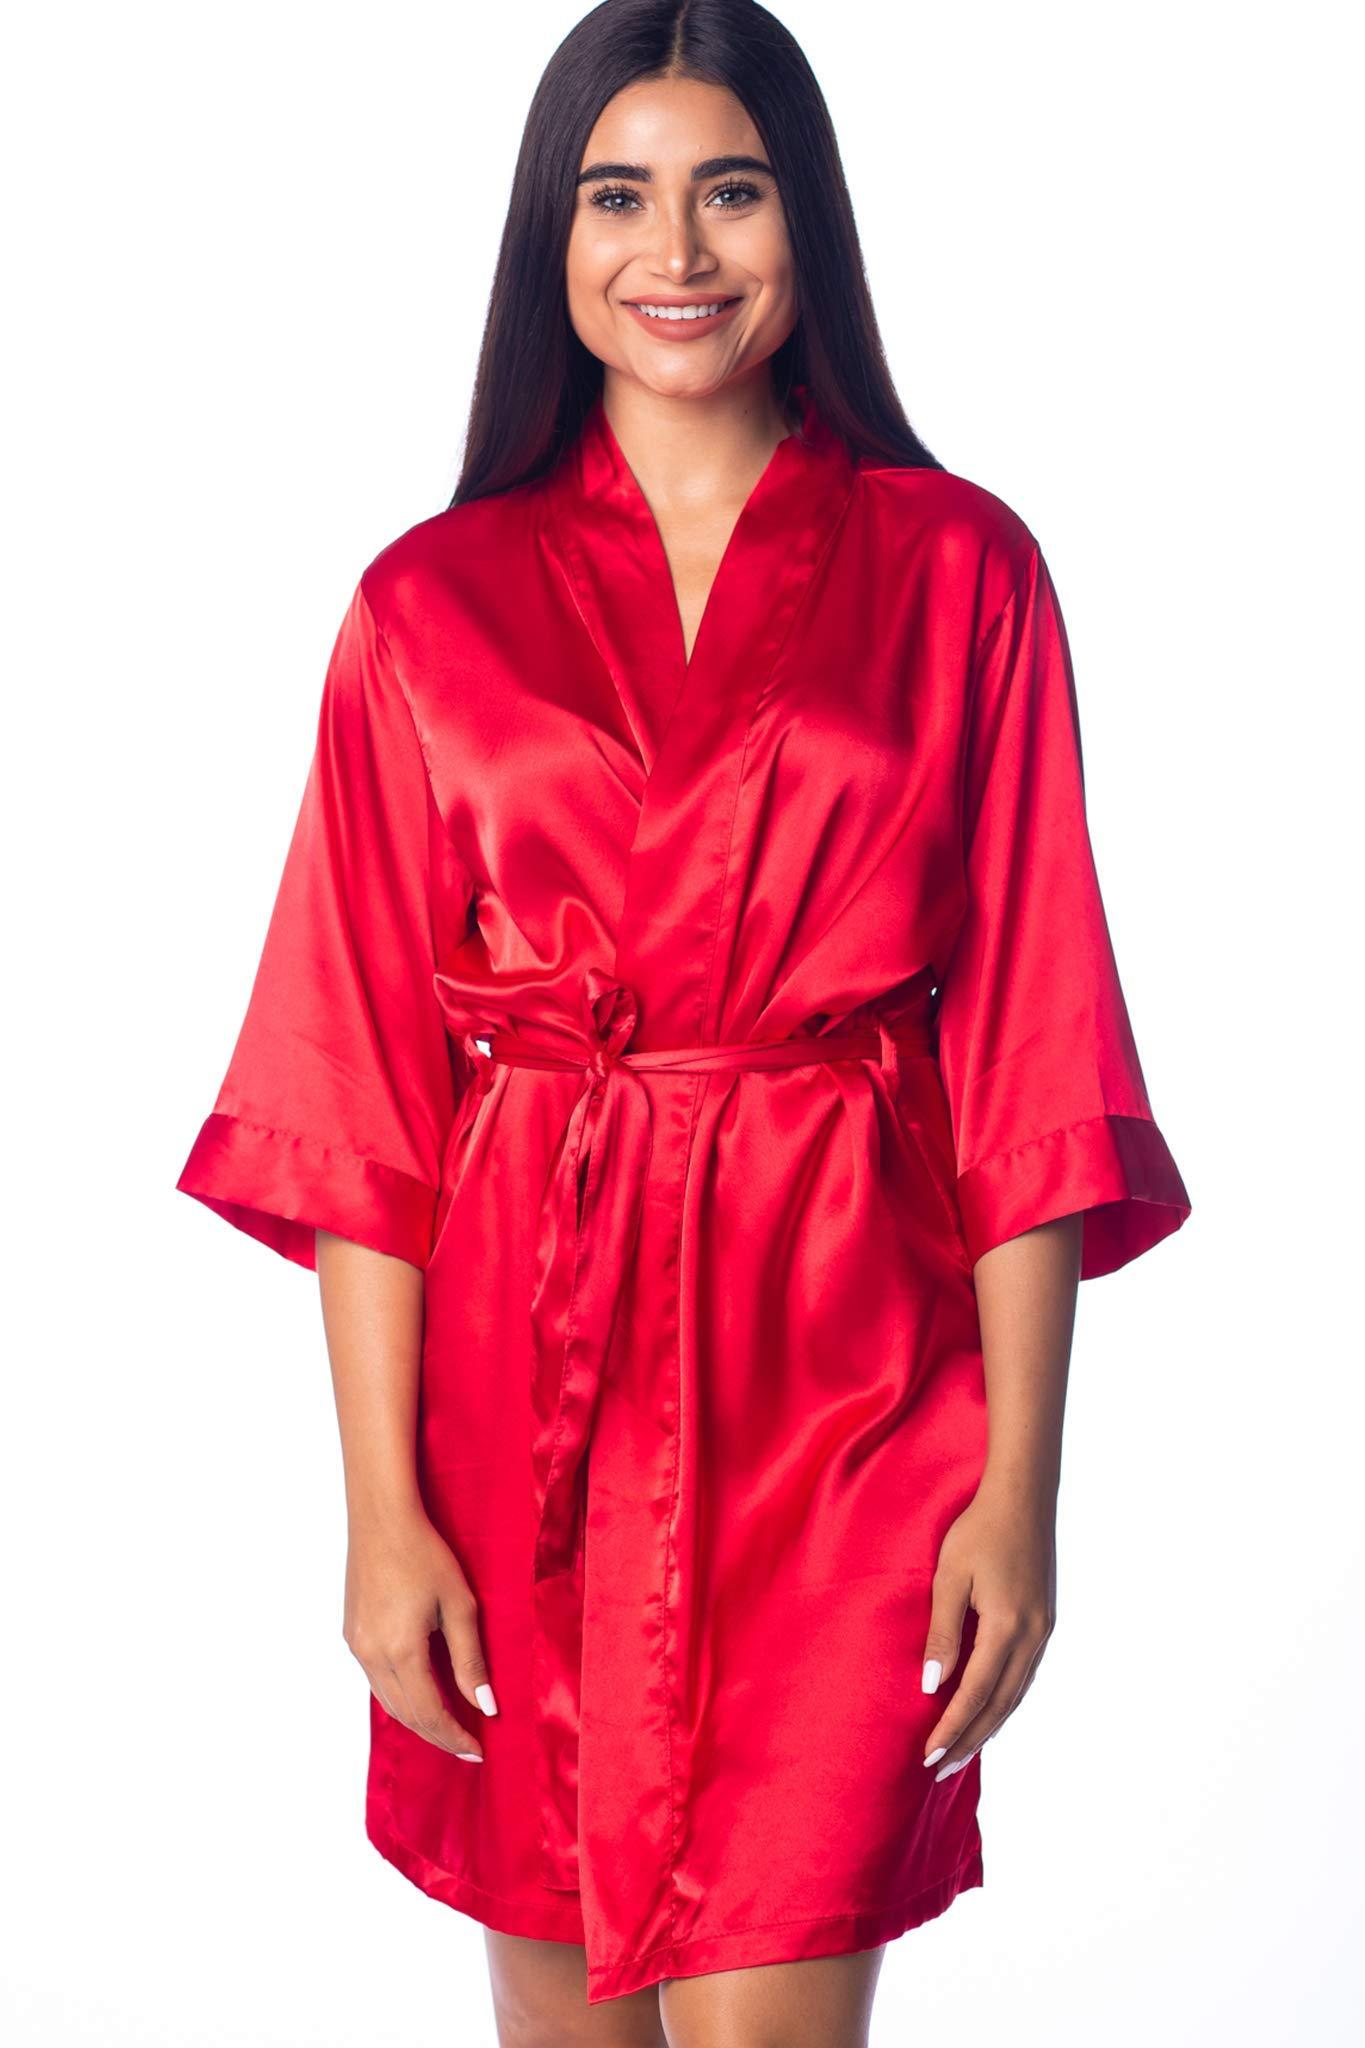 Women's Silk Satin Robe Bride Bridesmaid Sexy Robes for Women